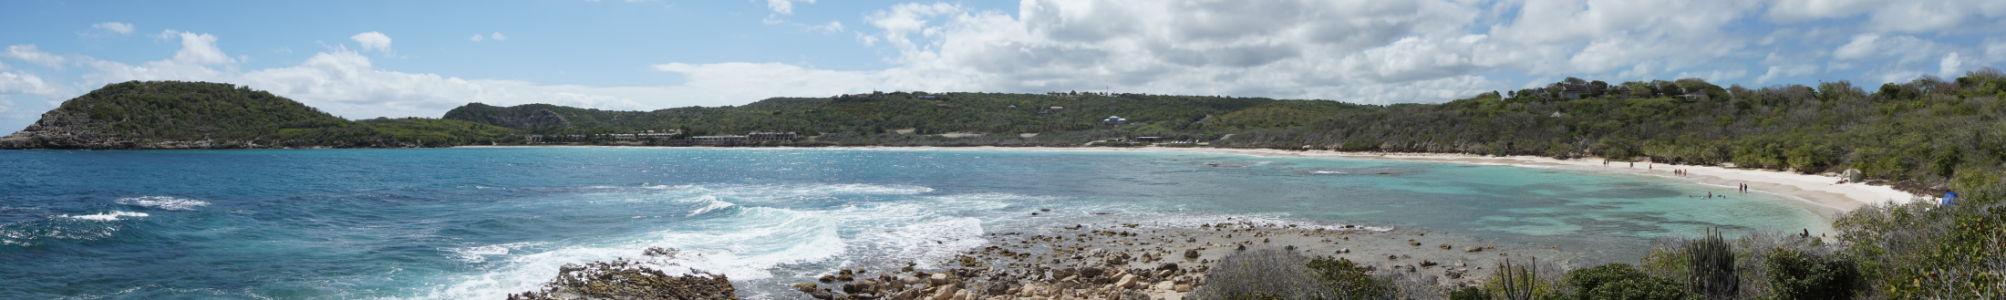 Záliv Halfmoon Bay na Antigue - má tvar polmesiaca, z čoho pramení jeho názov